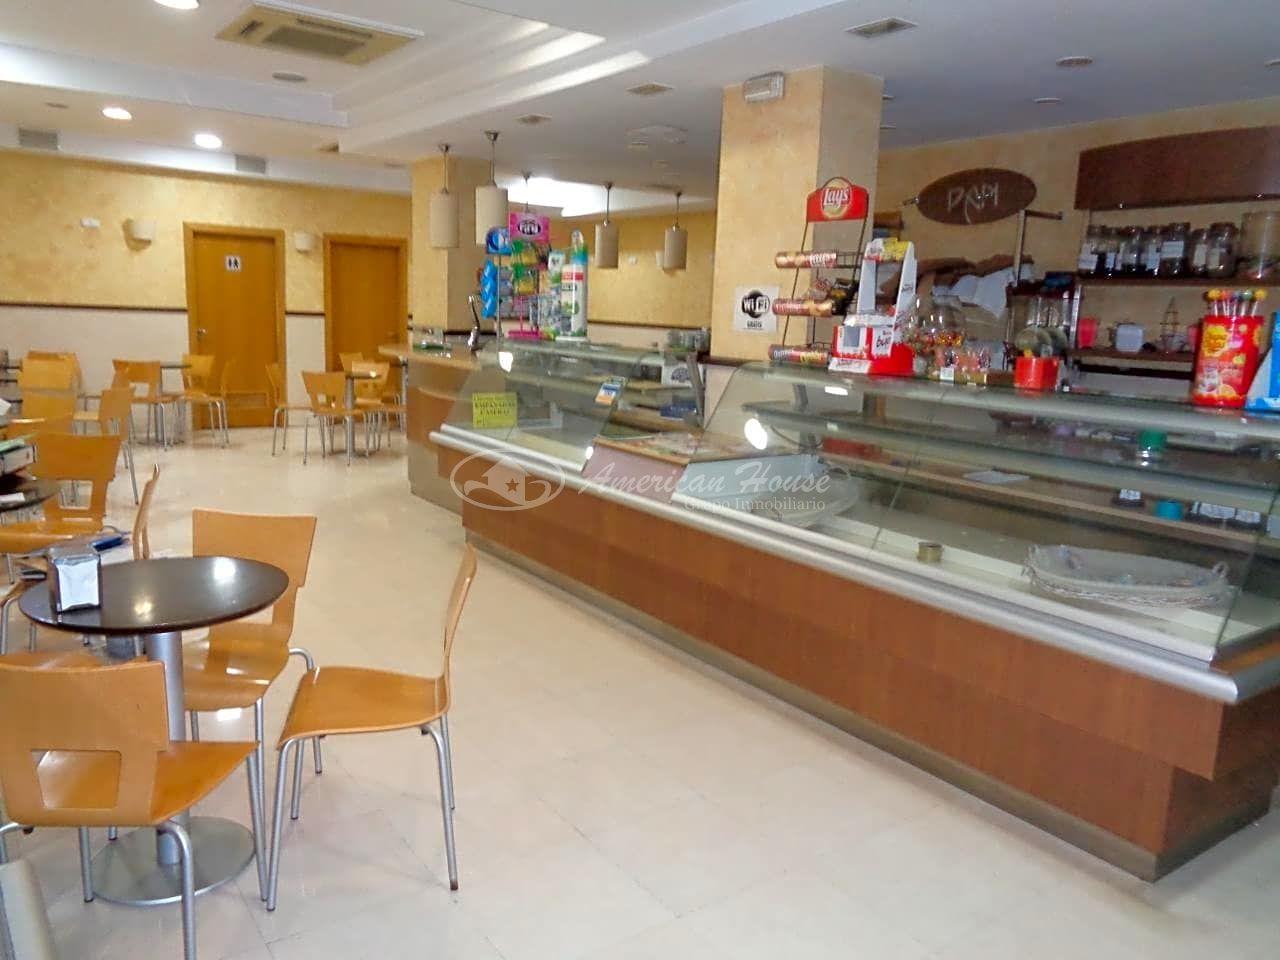 Alquiler de Cafetería y Obrador en Pleno Centro, Chiclana de la Fra., Cádiz